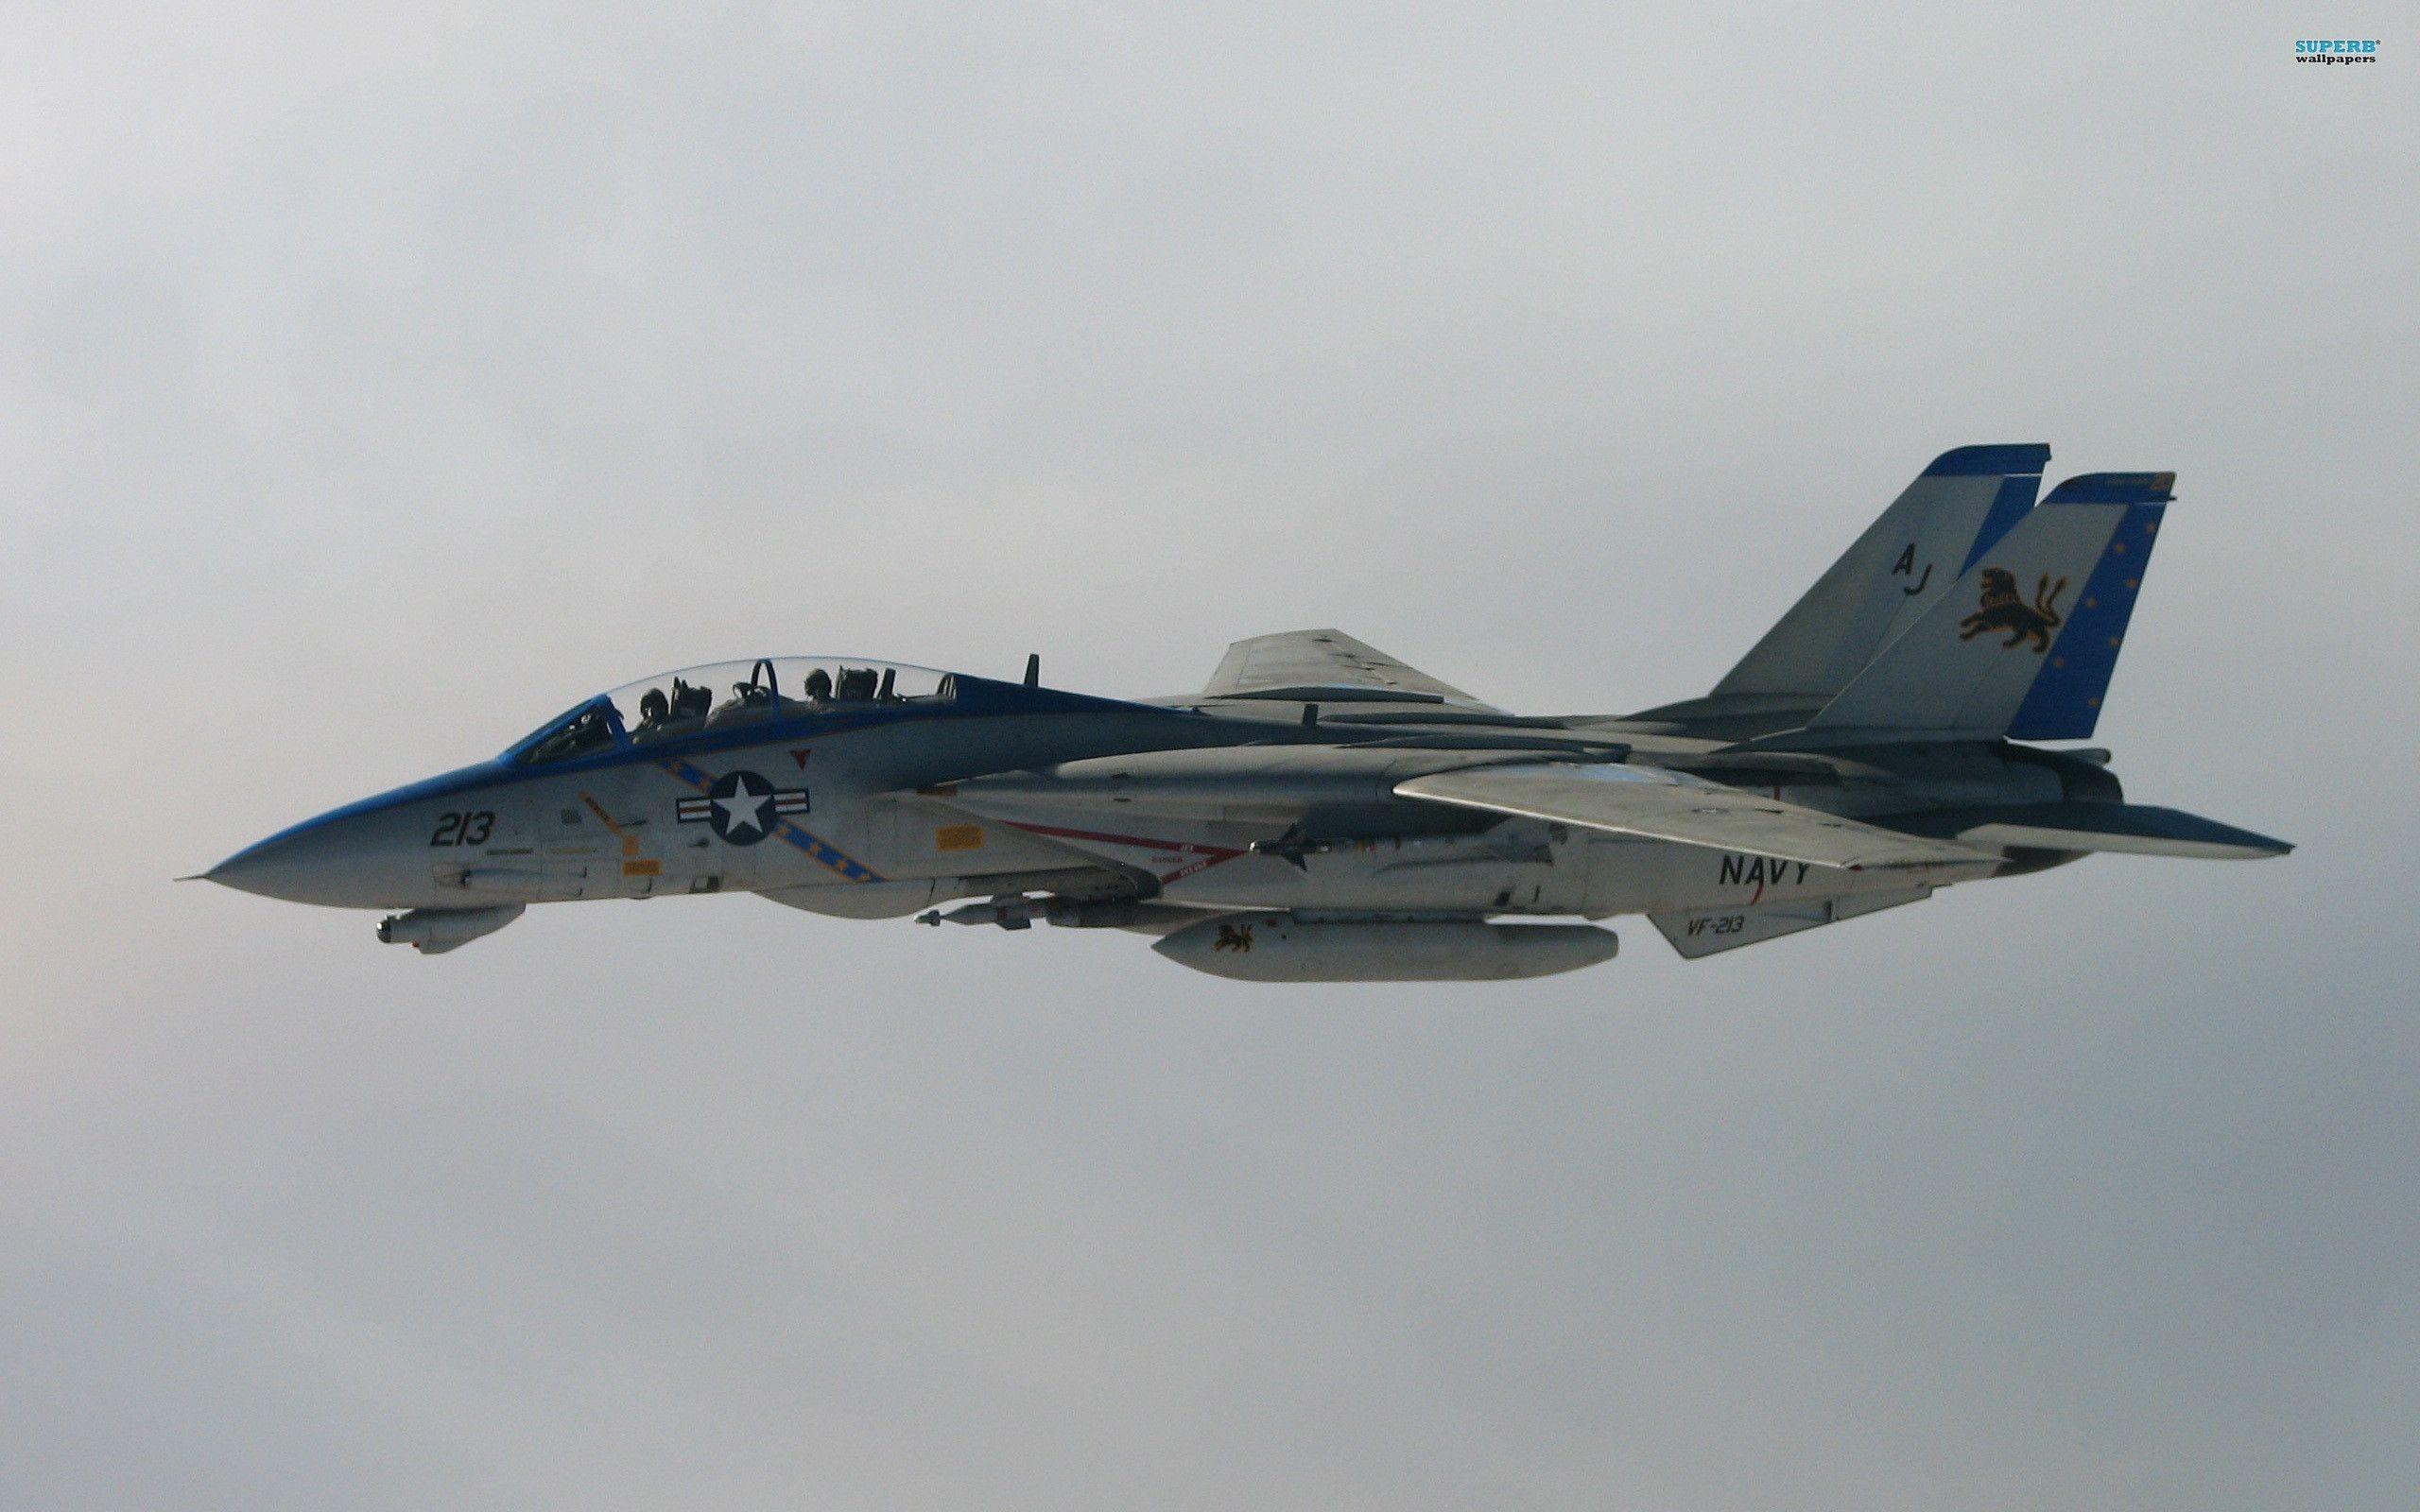 Grumman F-14 Tomcat wallpaper – Aircraft wallpapers – #